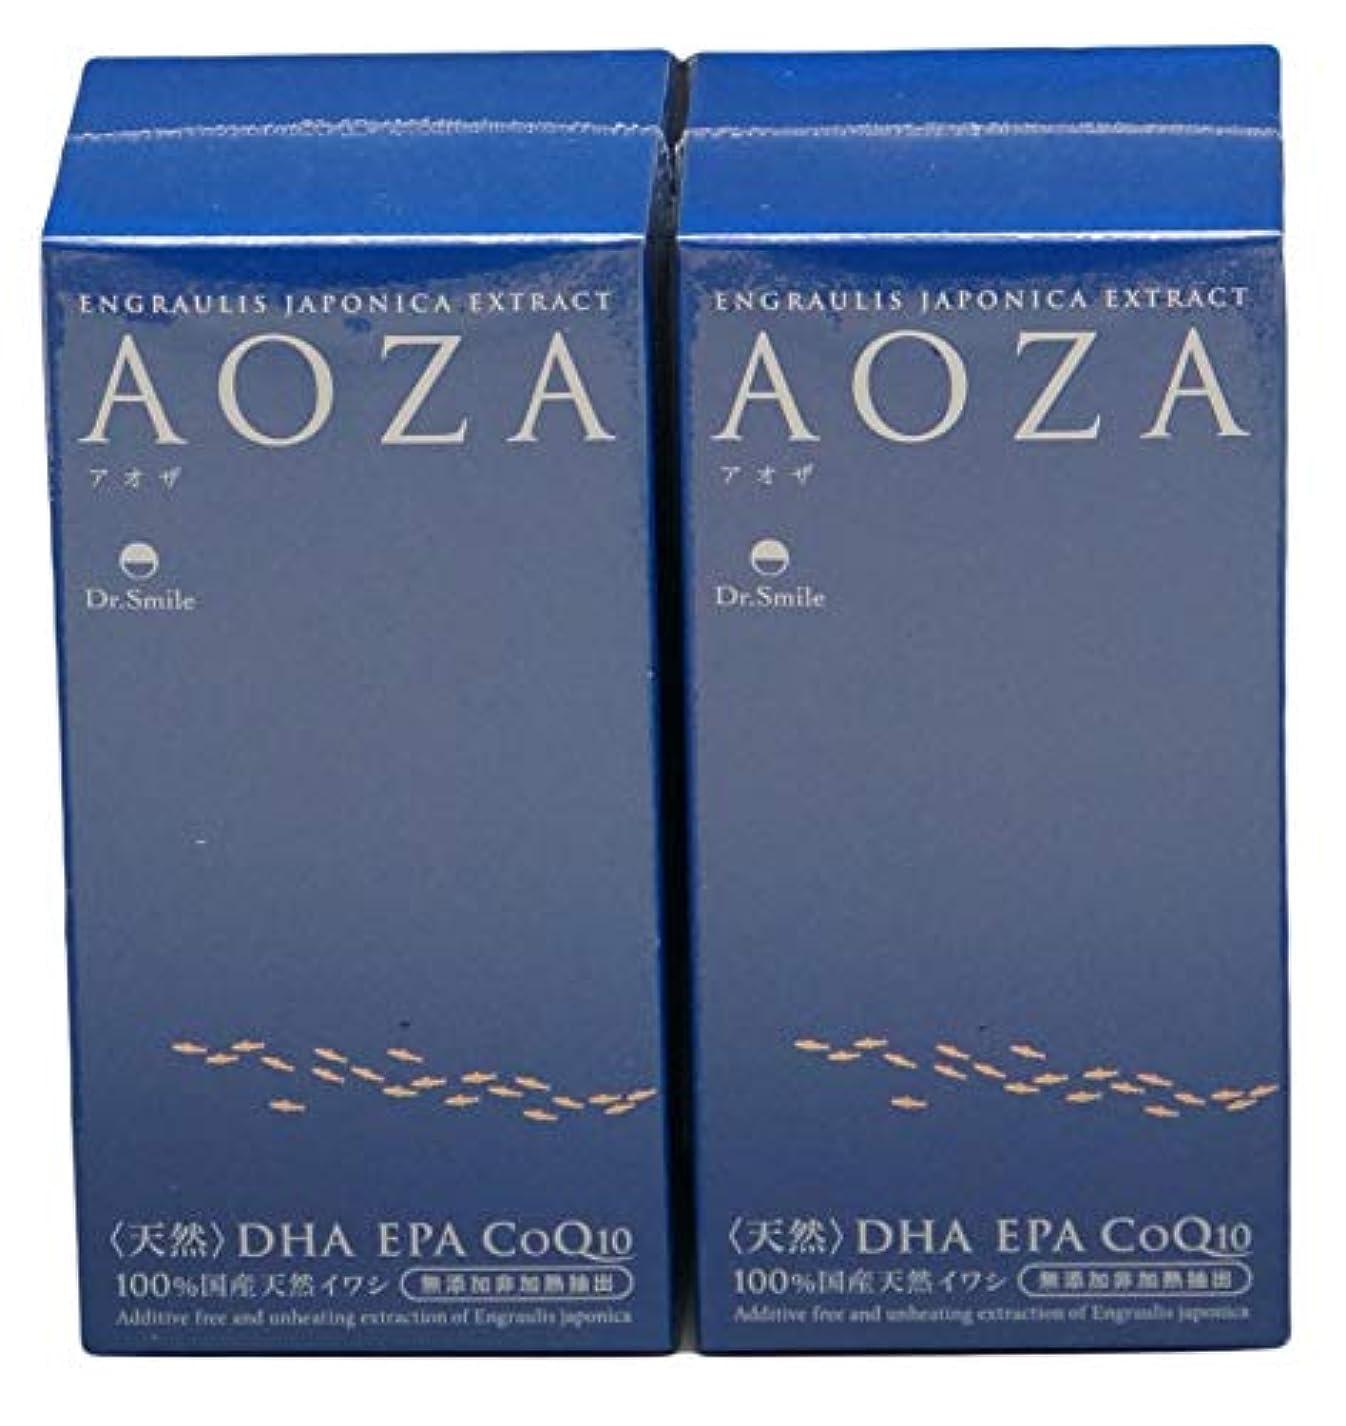 振るうアテンダント疑問に思うAOZA - アオザ300粒 2個セット ドクタースマイル オメガ3(DHA?EPA?コエンザイムQ10)含有サプリメント